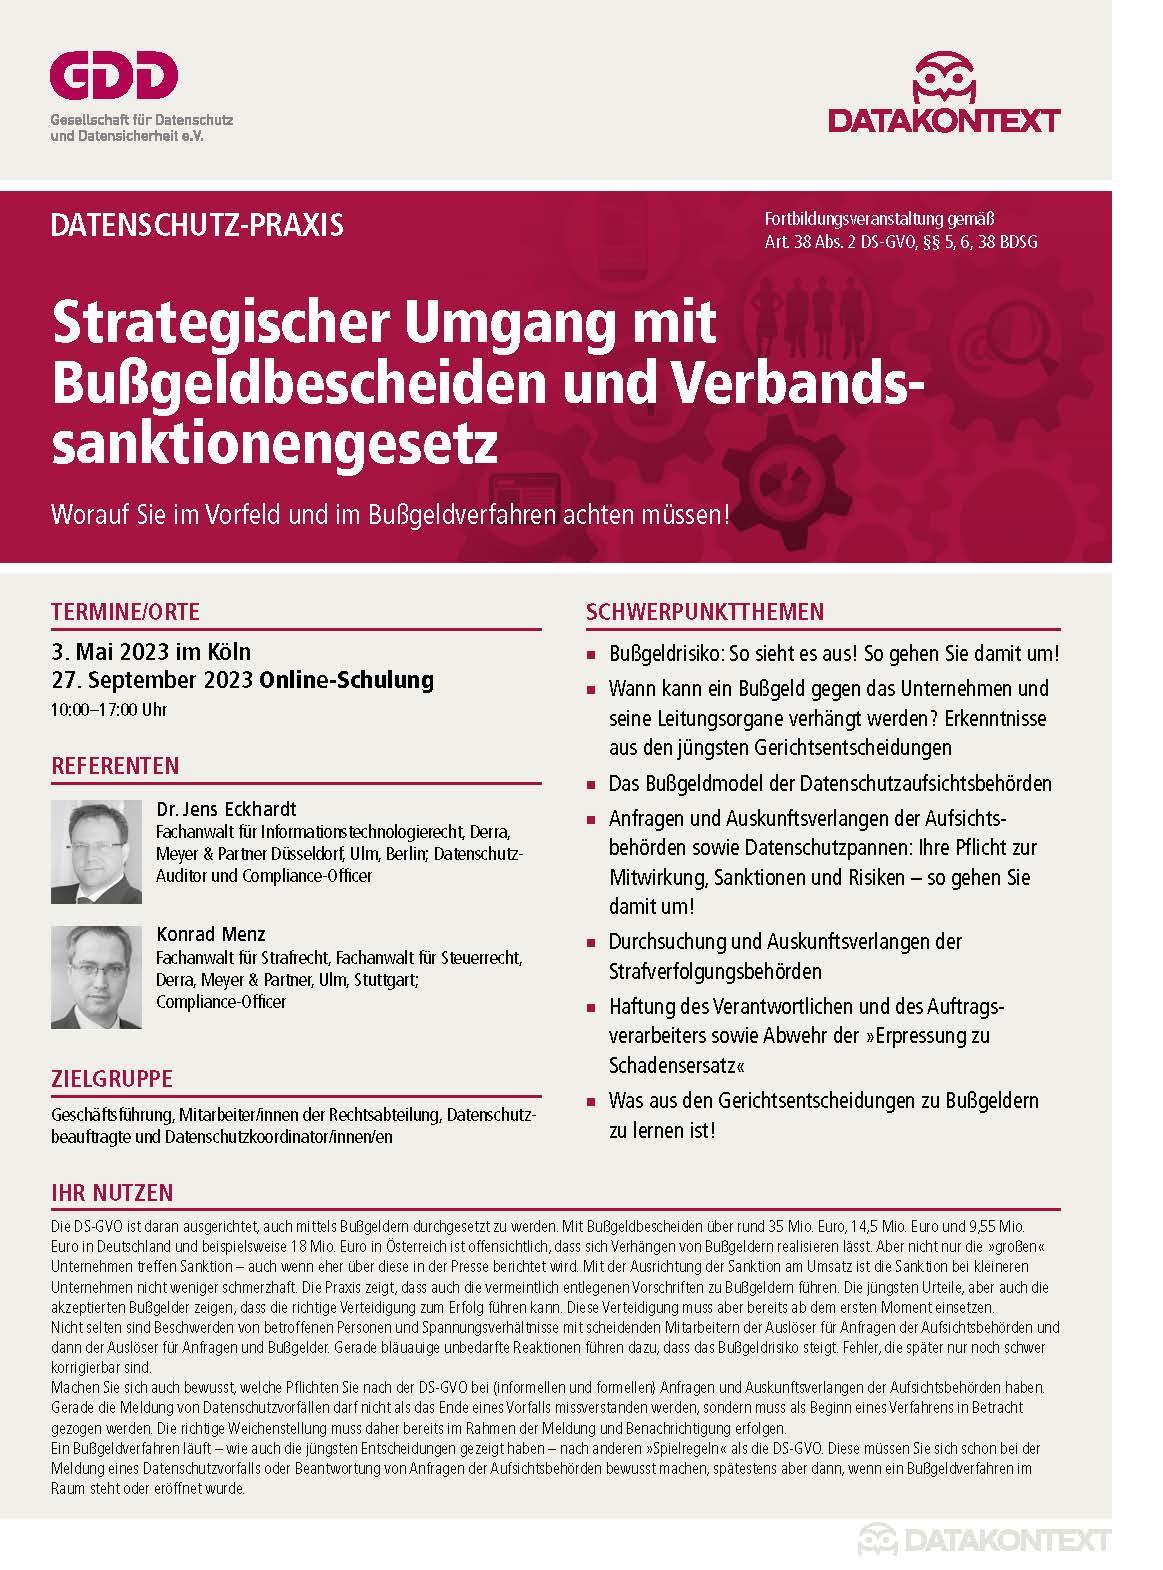 Strategischer Umgang mit Bußgeldbescheiden und Verbandssanktionengesetz